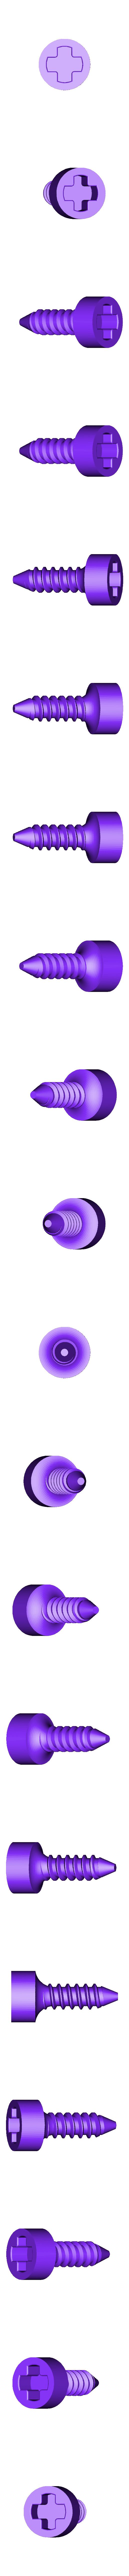 S3.stl Télécharger fichier STL Perceuse à main Impression 3D • Design pour impression 3D, MPPSWKA7